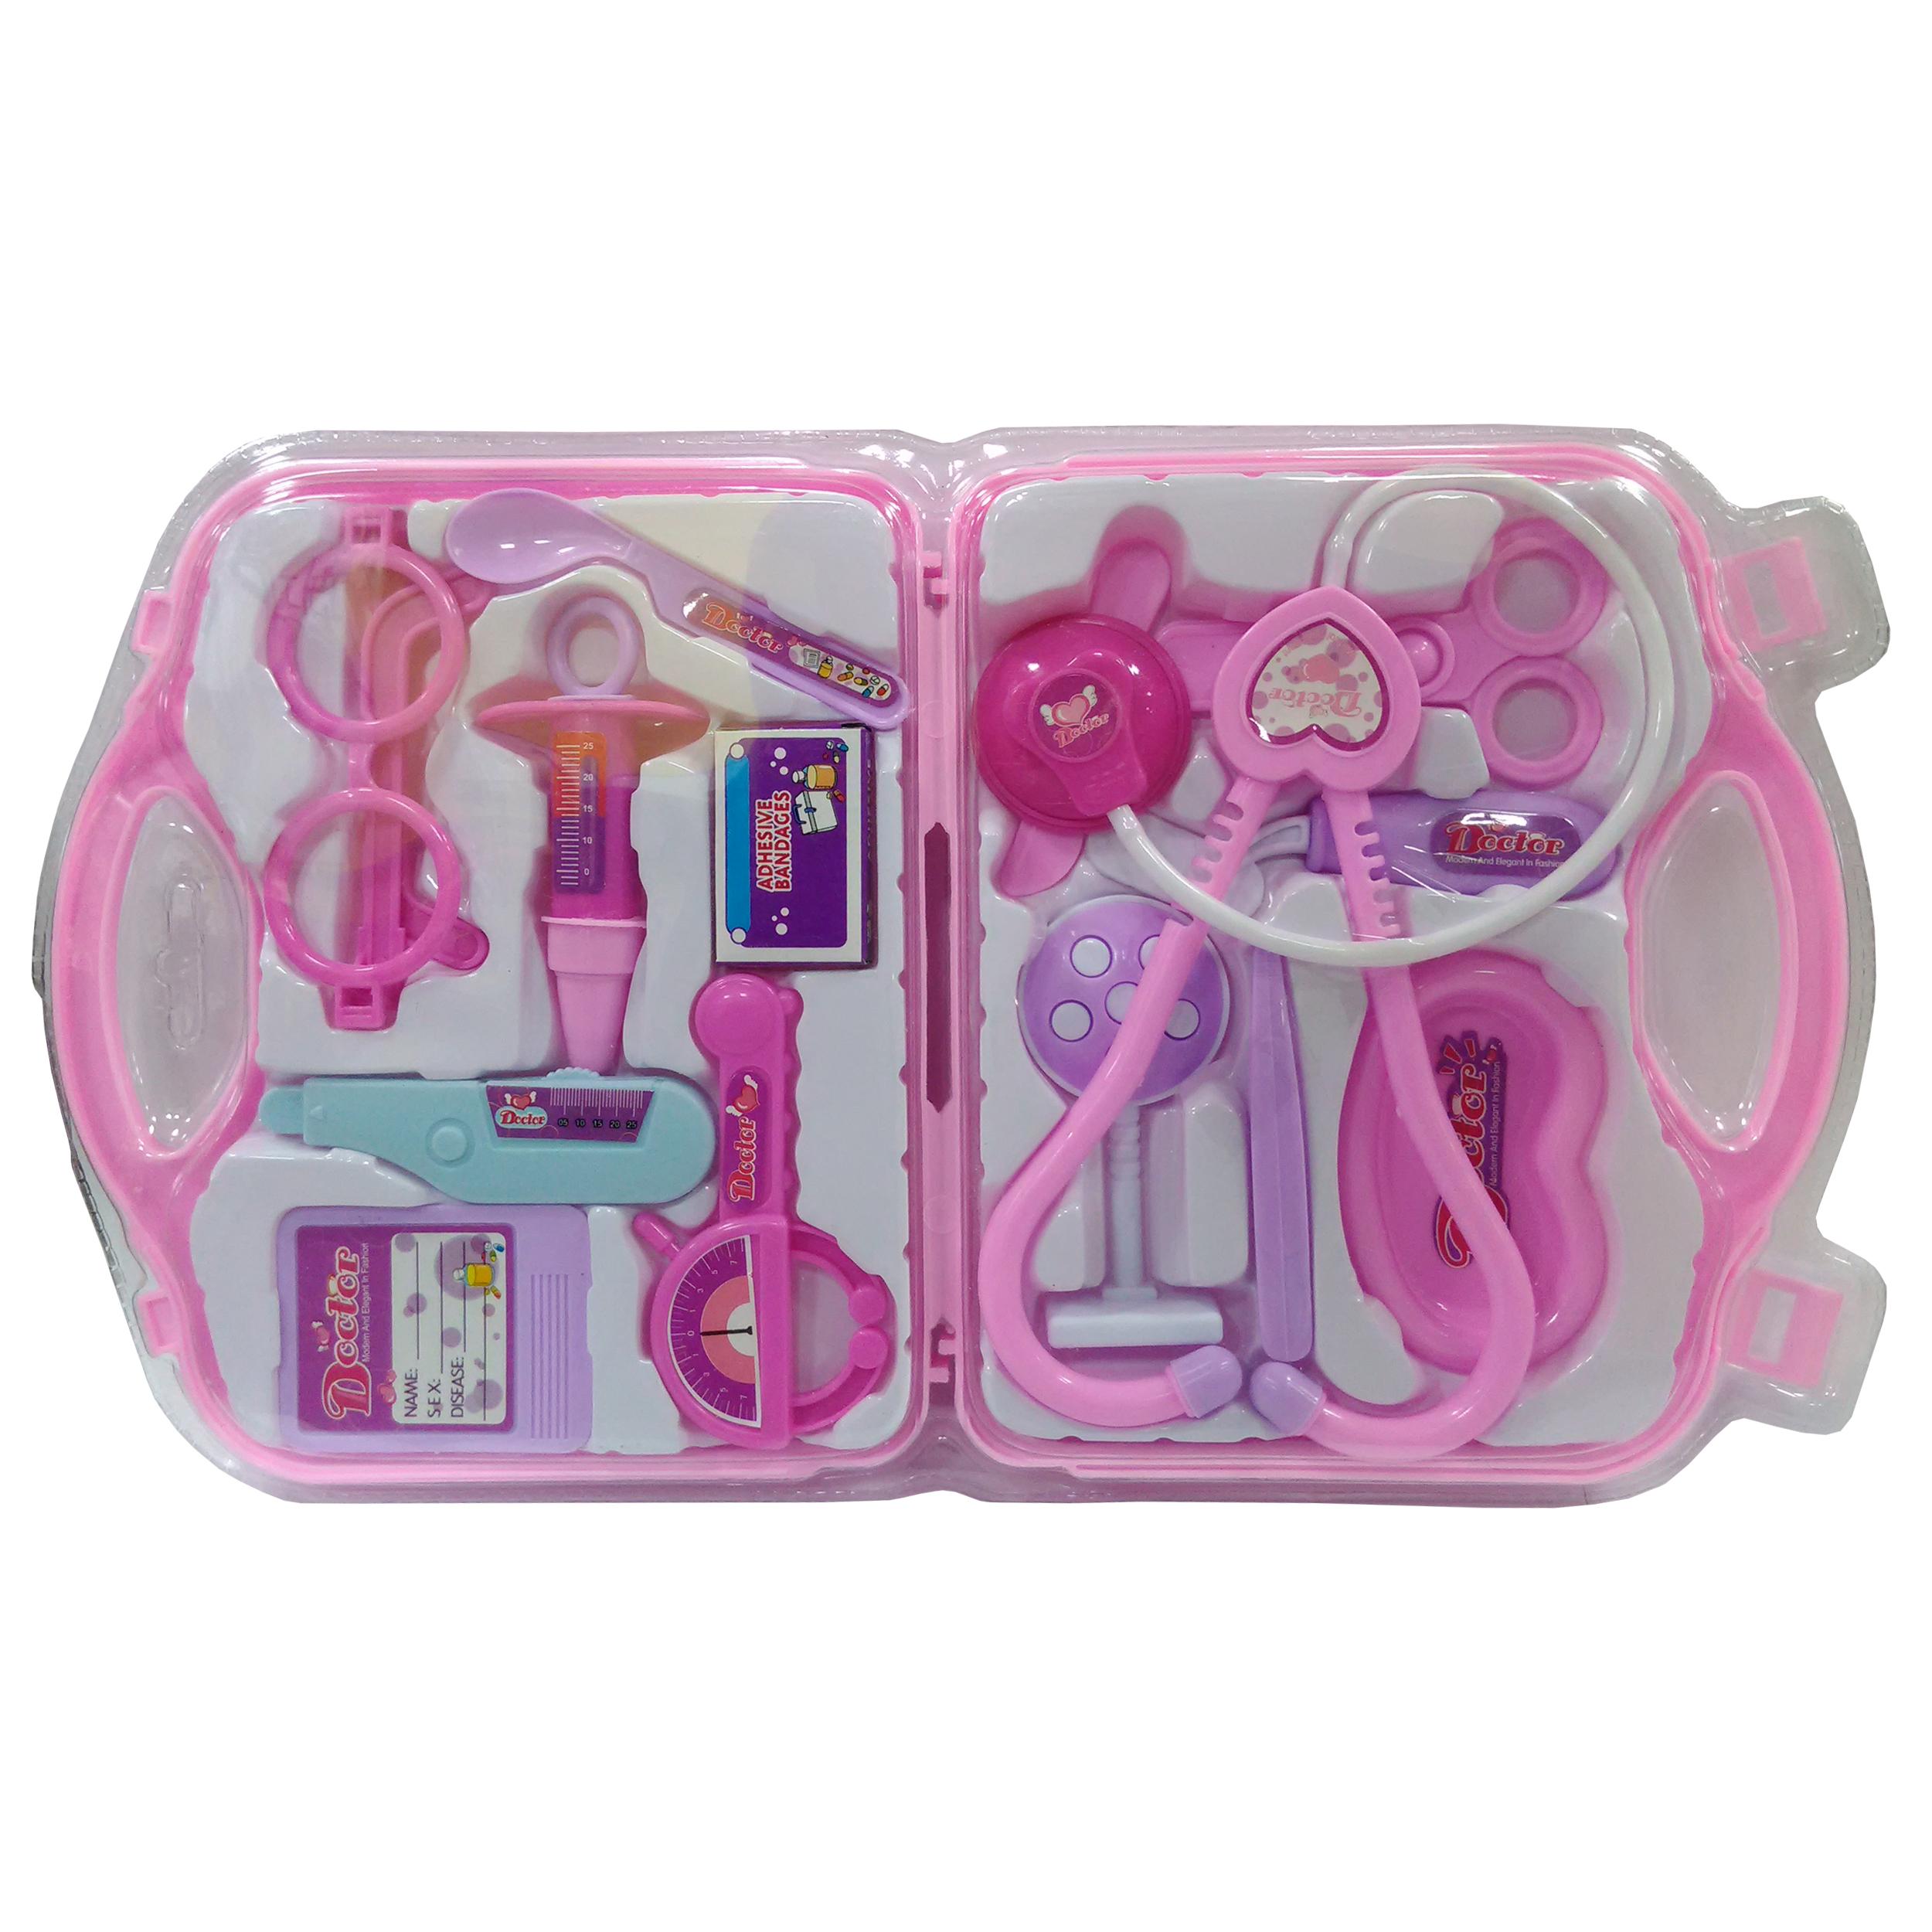 خرید اسباب بازی ابزار پزشکی کد 002